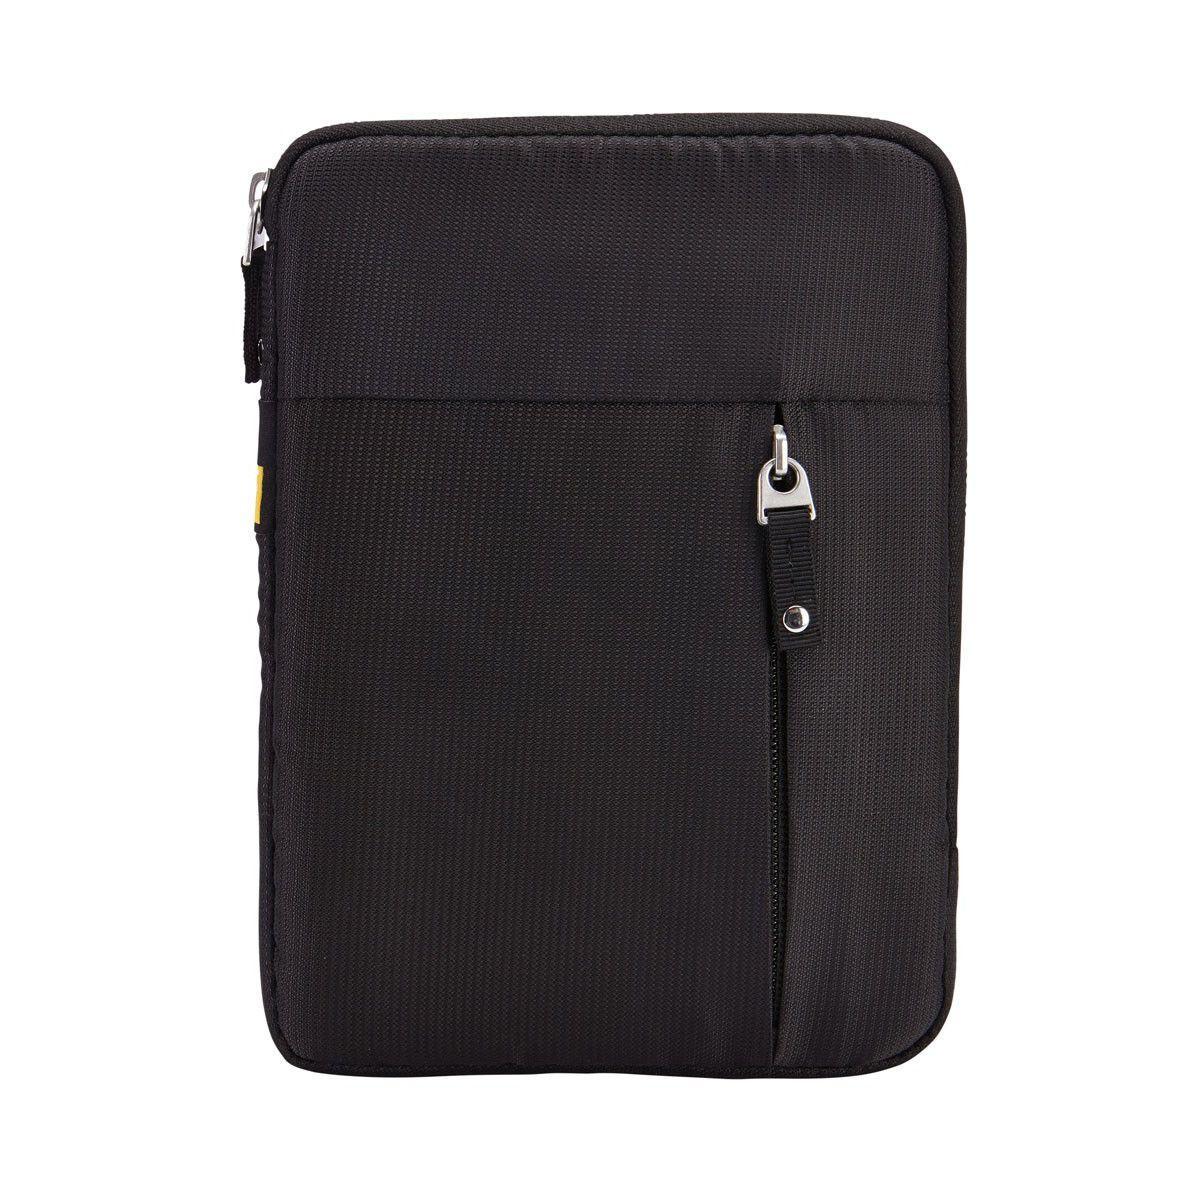 Etui tablette caselogic universelle 8'' noire - 2% de remise imm�diate avec le code : cadeau2 (photo)